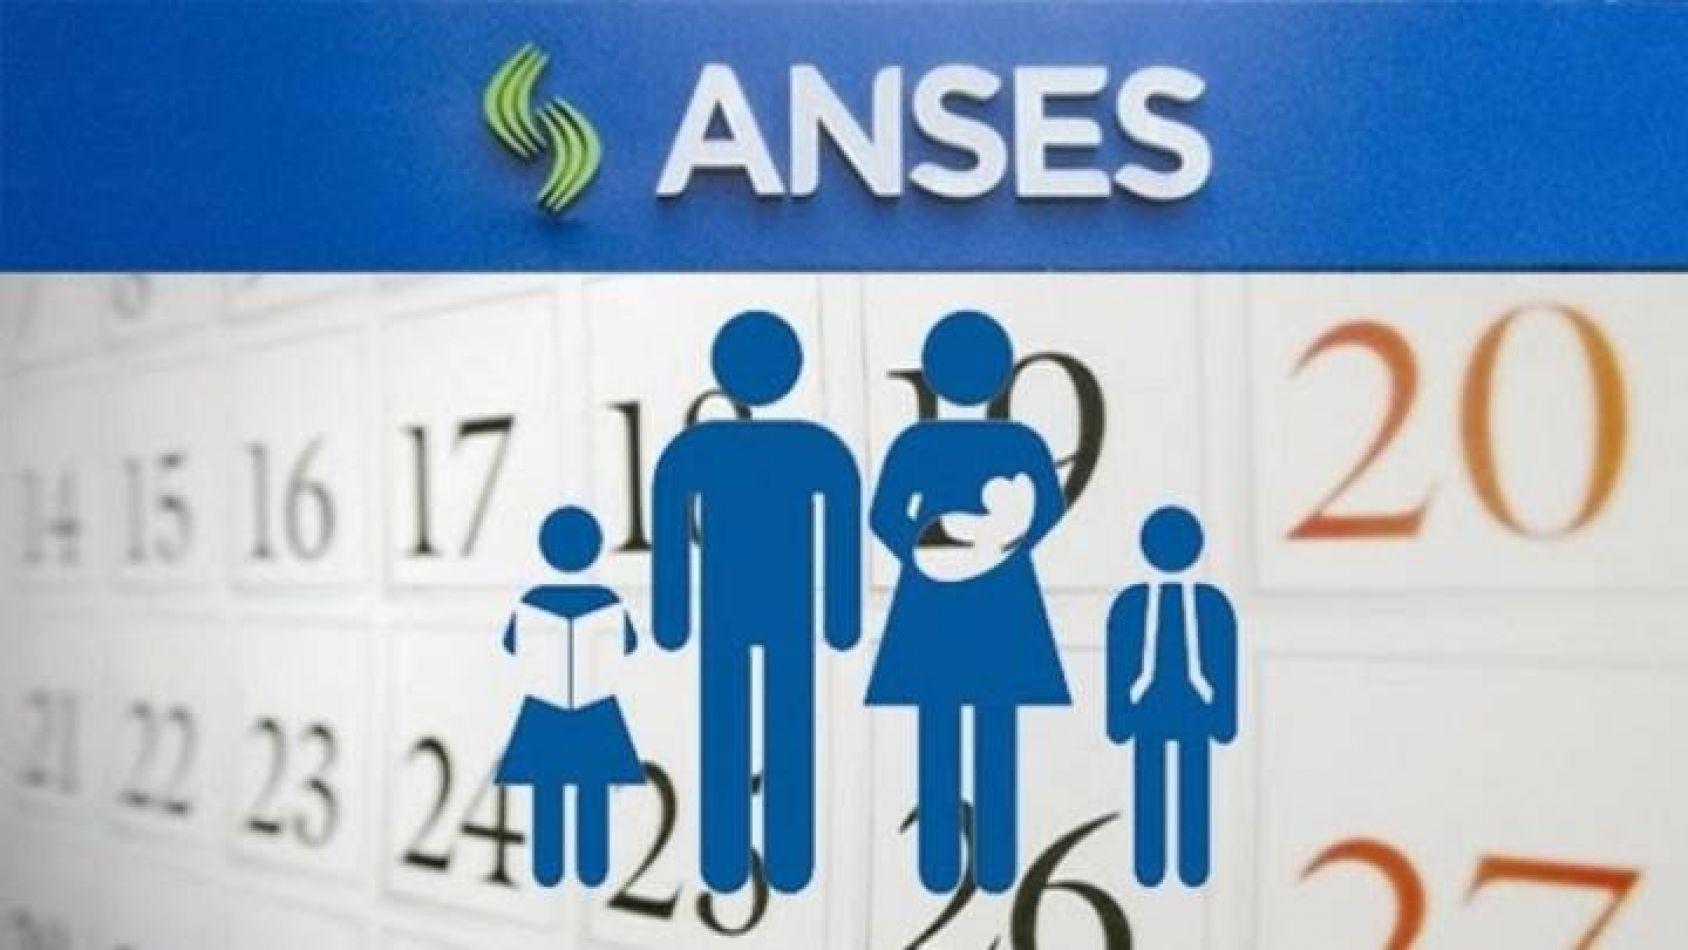 Anses comunica el cronograma de pago del día lunes 30 de noviembre del 2020.